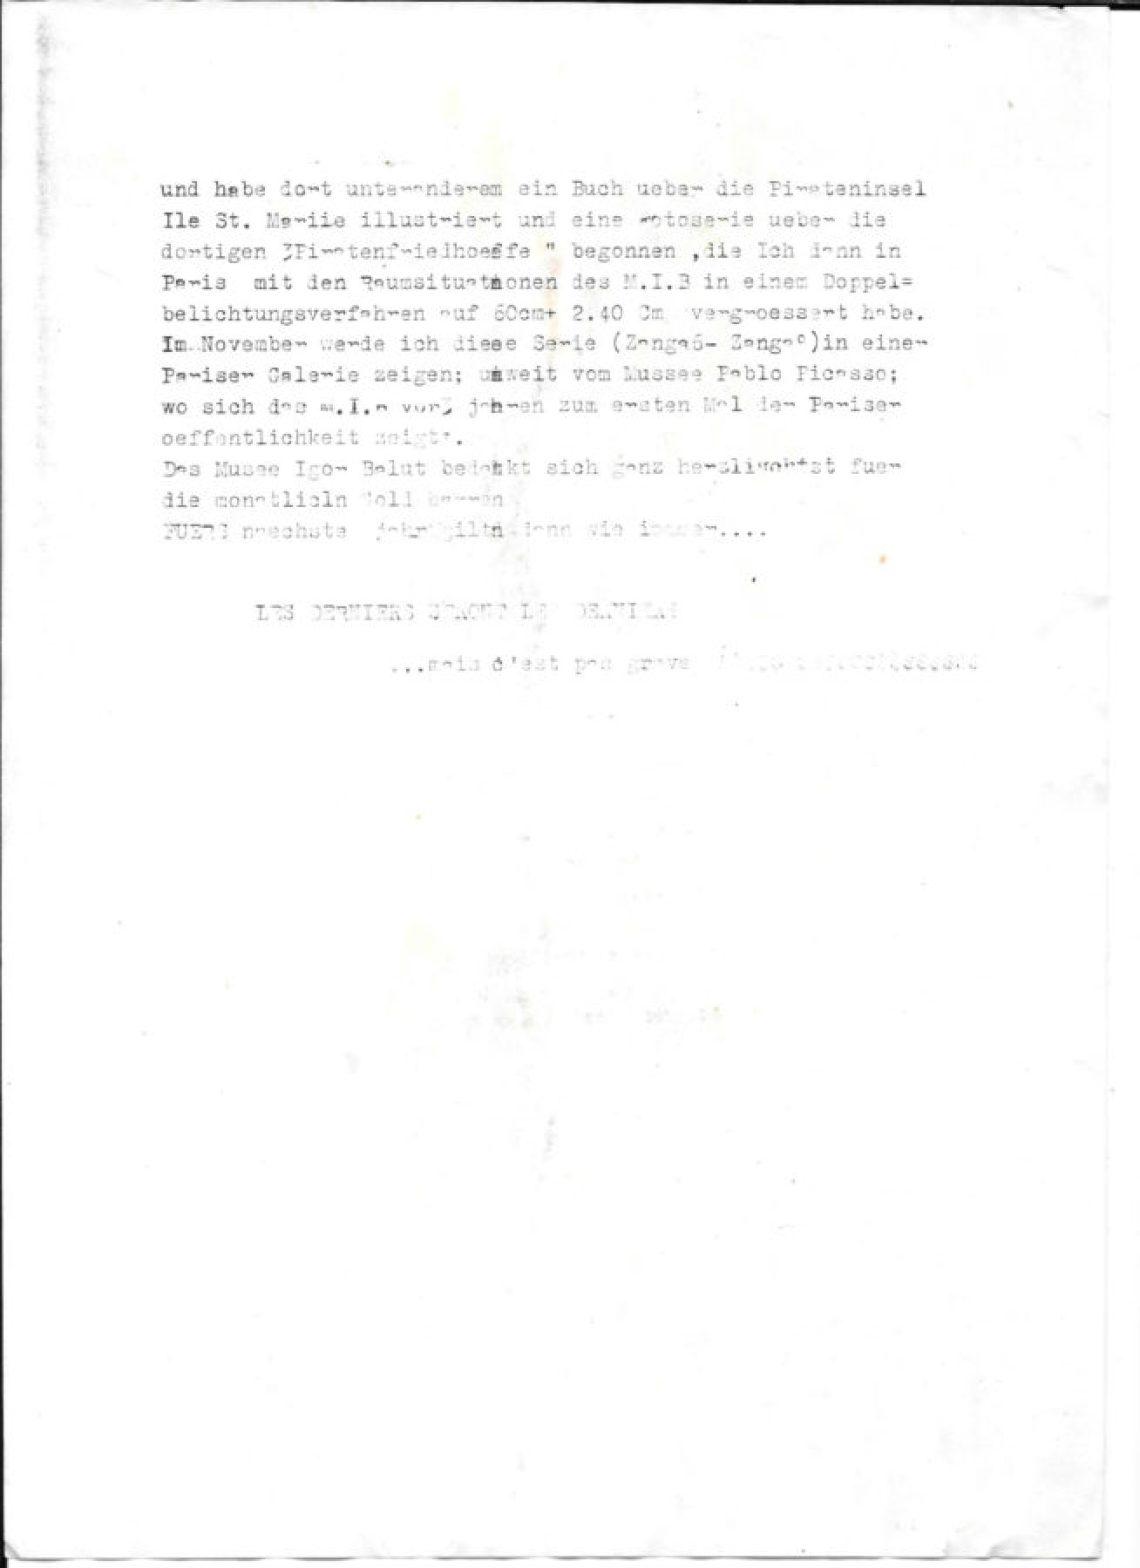 text-sur-suissemarocain-art-3-copy